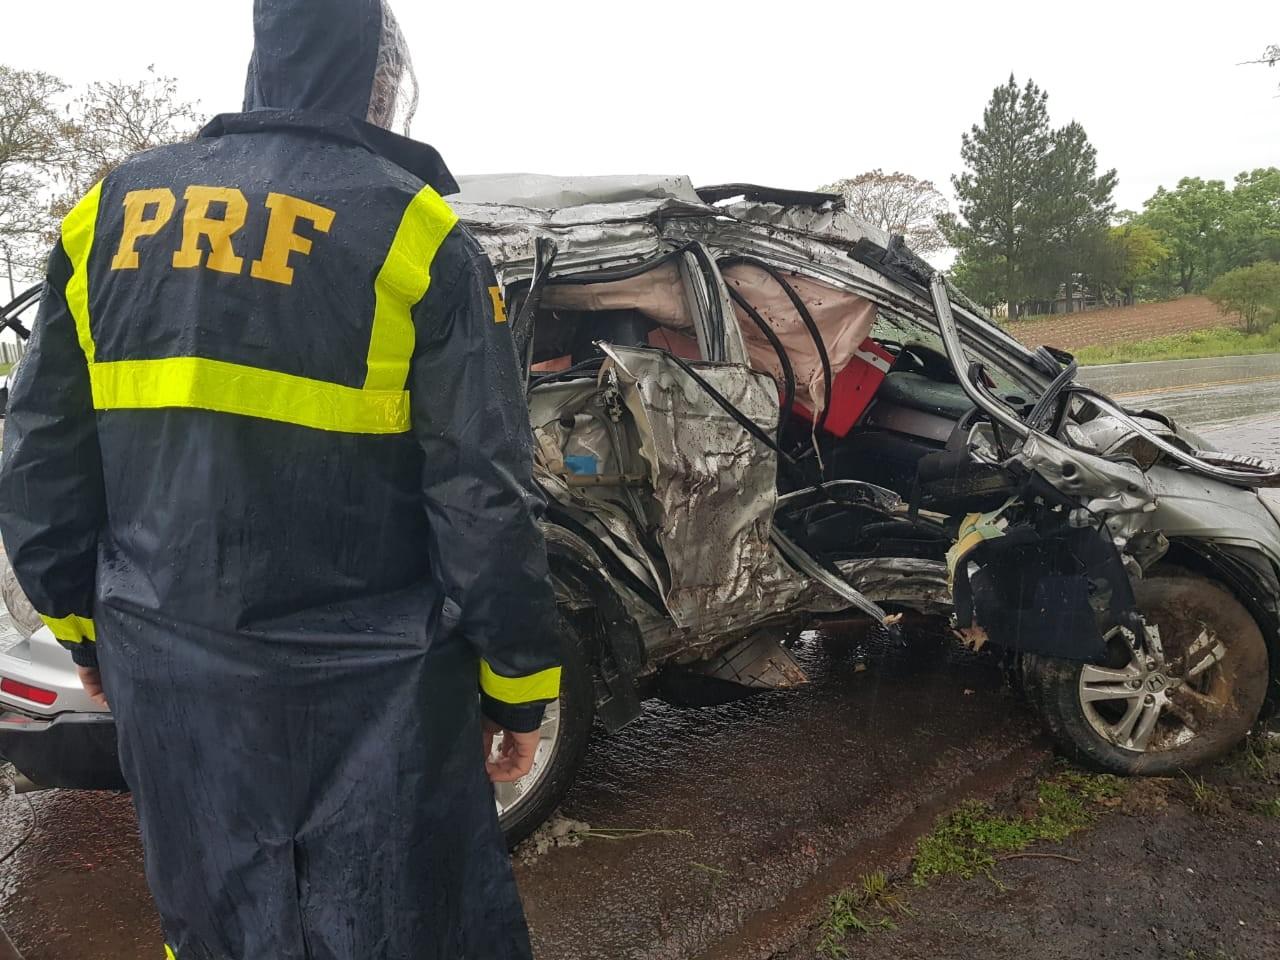 Dois homens morrem após carro bater em árvore na BR-392, em São Sepé - Notícias - Plantão Diário